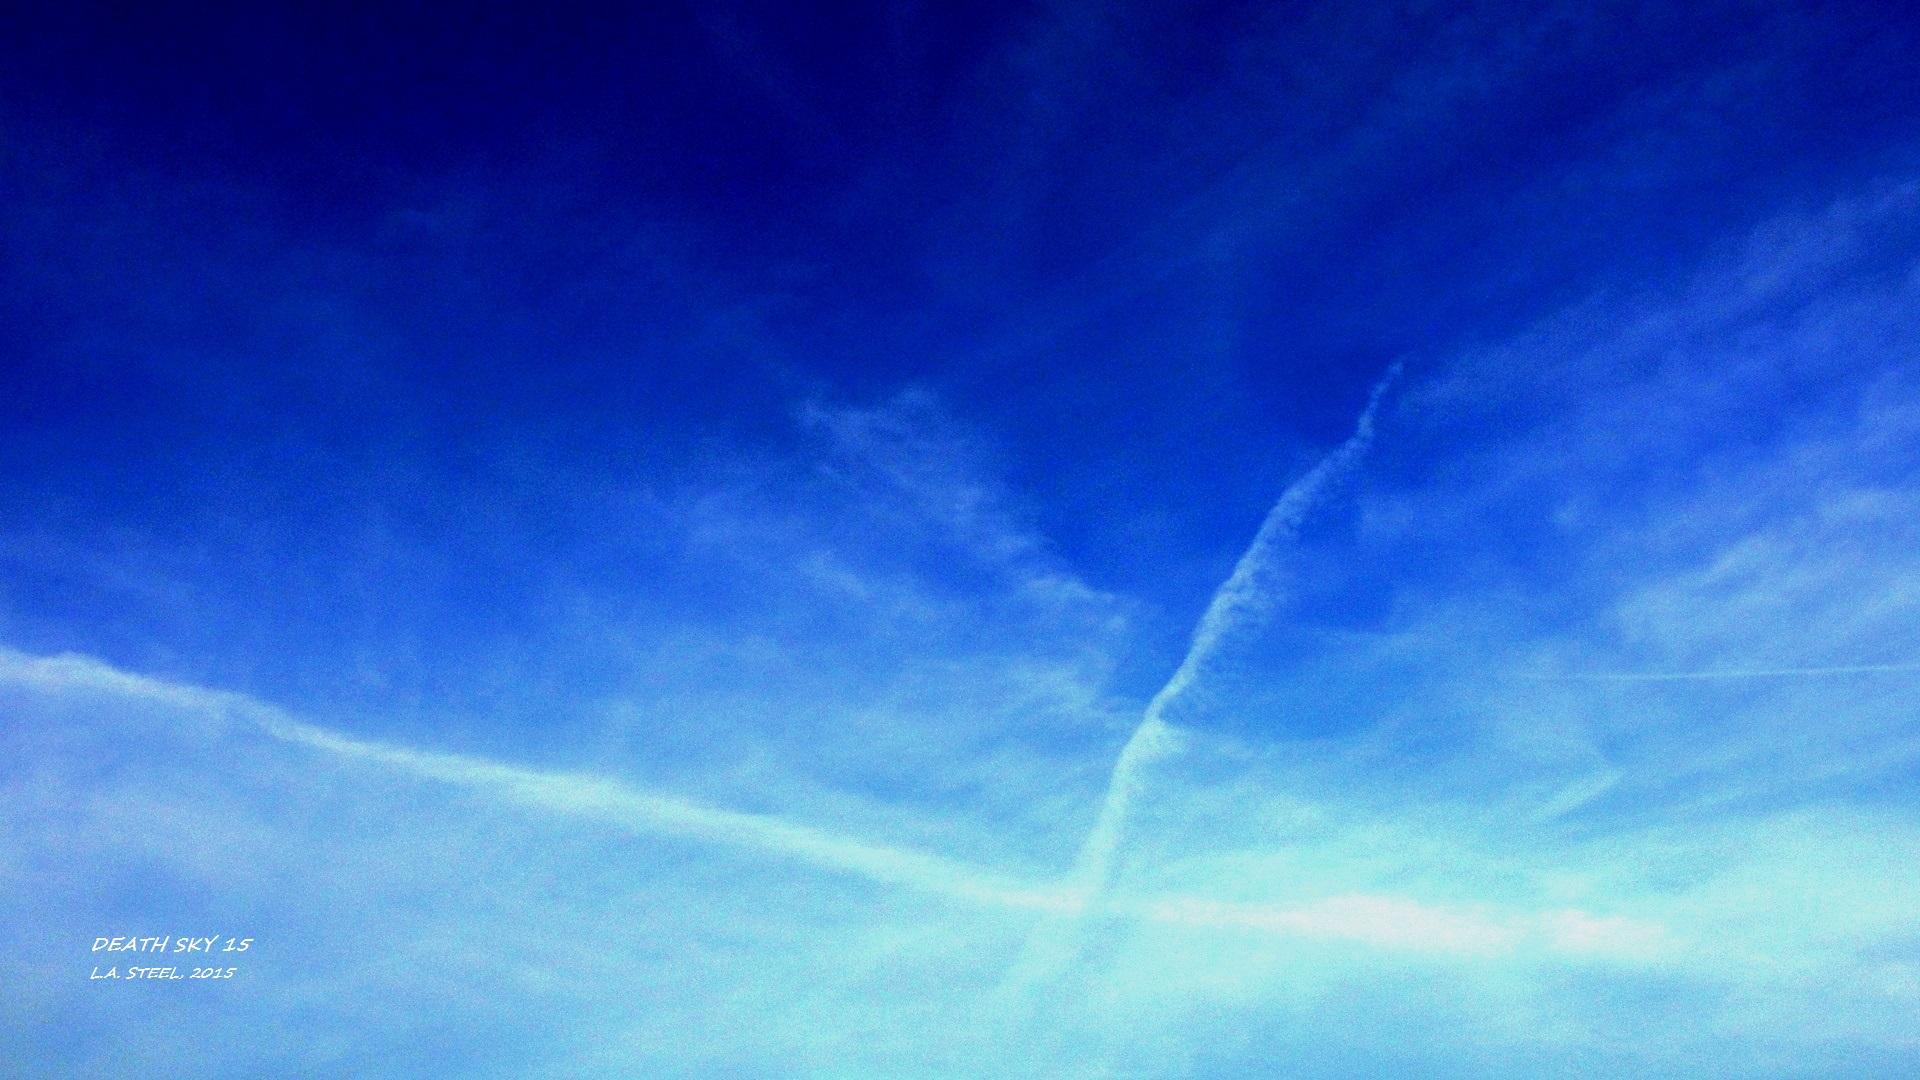 death sky 15